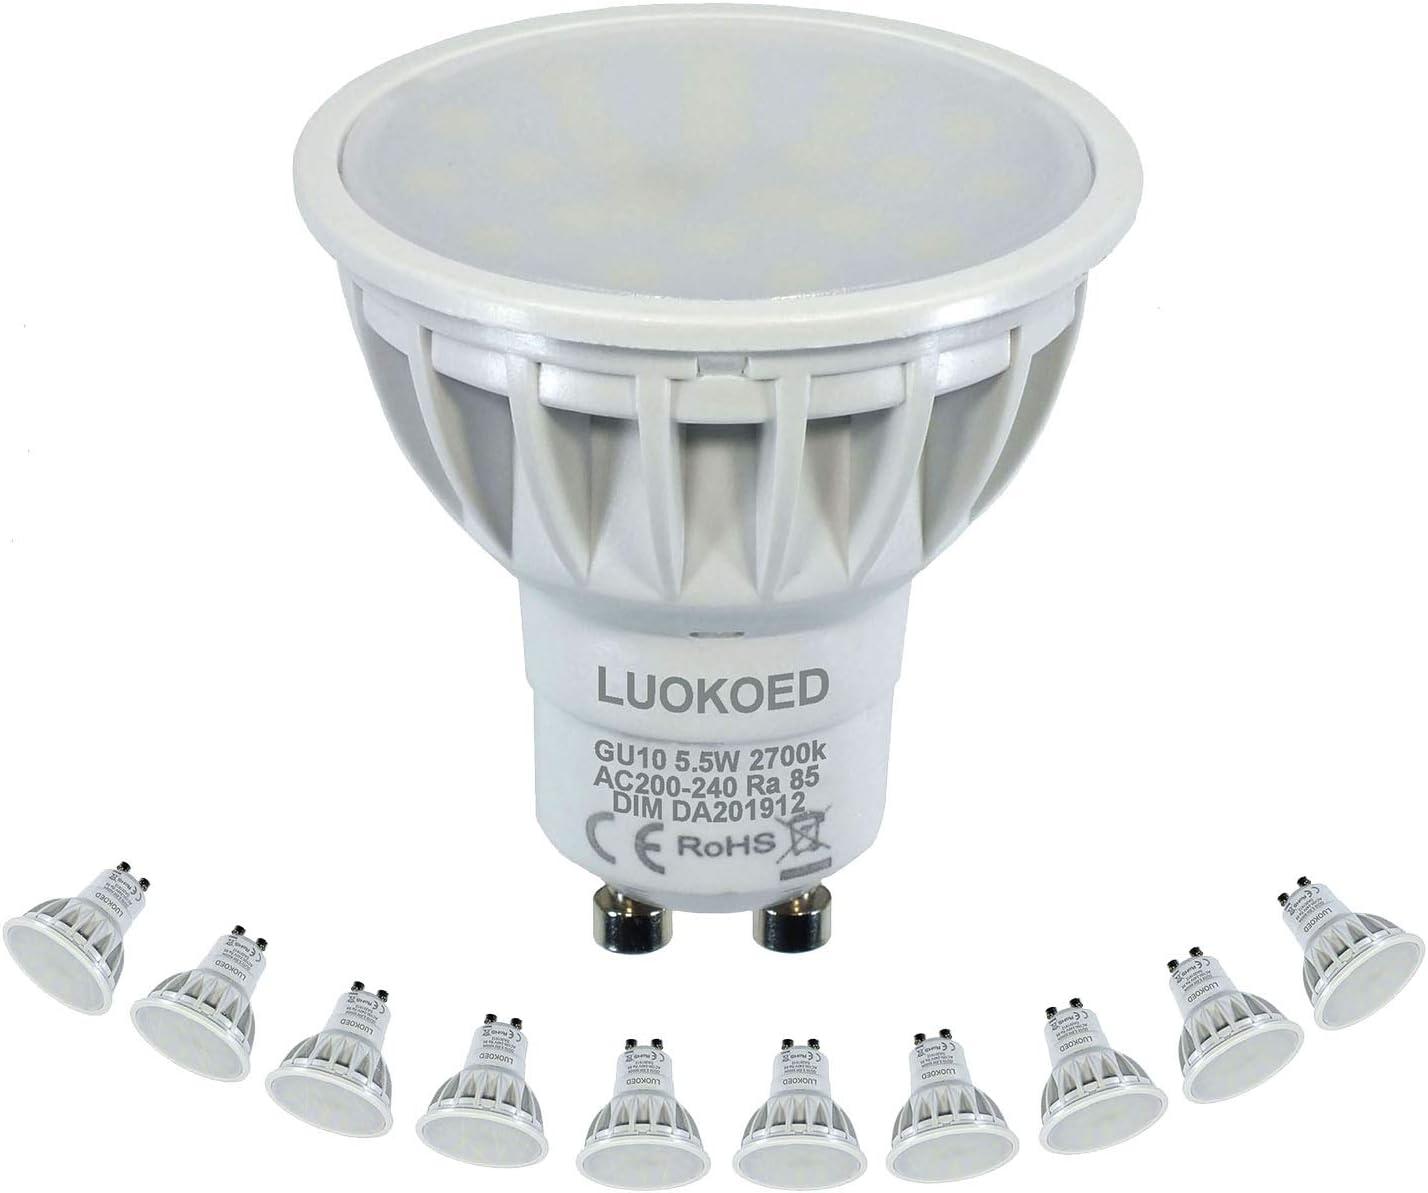 Bombilla Gu10 LED Foco 500-550lm Equivalente a 50W Luz Blanca Cálida 2700K Regulable LUOKOED®: Amazon.es: Iluminación